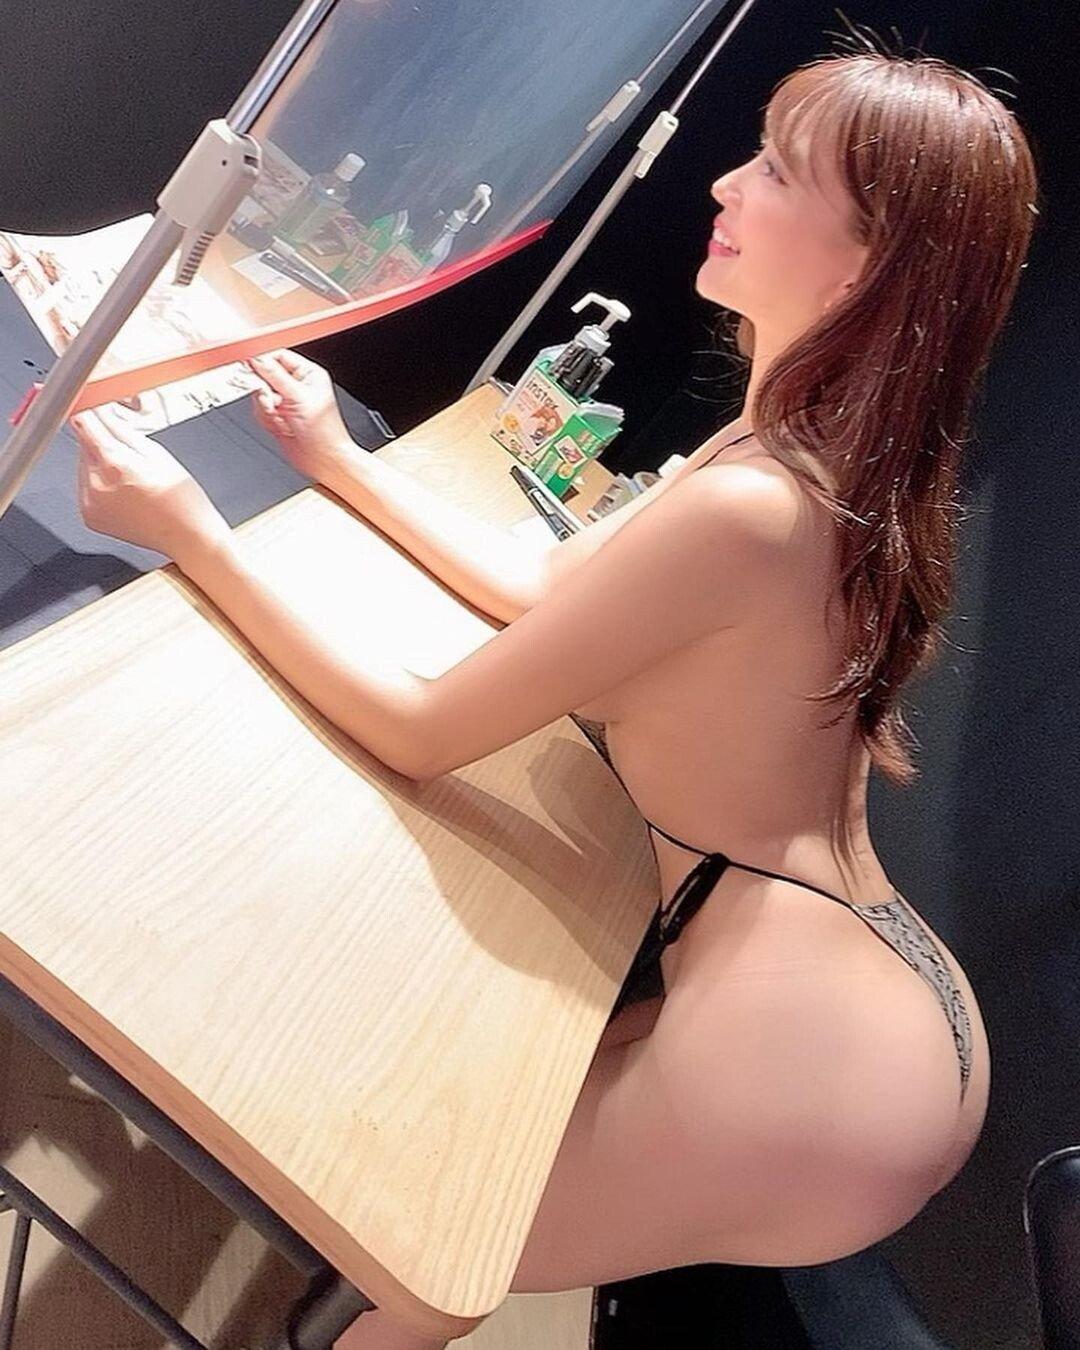 120202581_1208485219527848_4868366446076221161_n.jpg ㅎㅂ) 유튜버 모리사키 토모미 누님